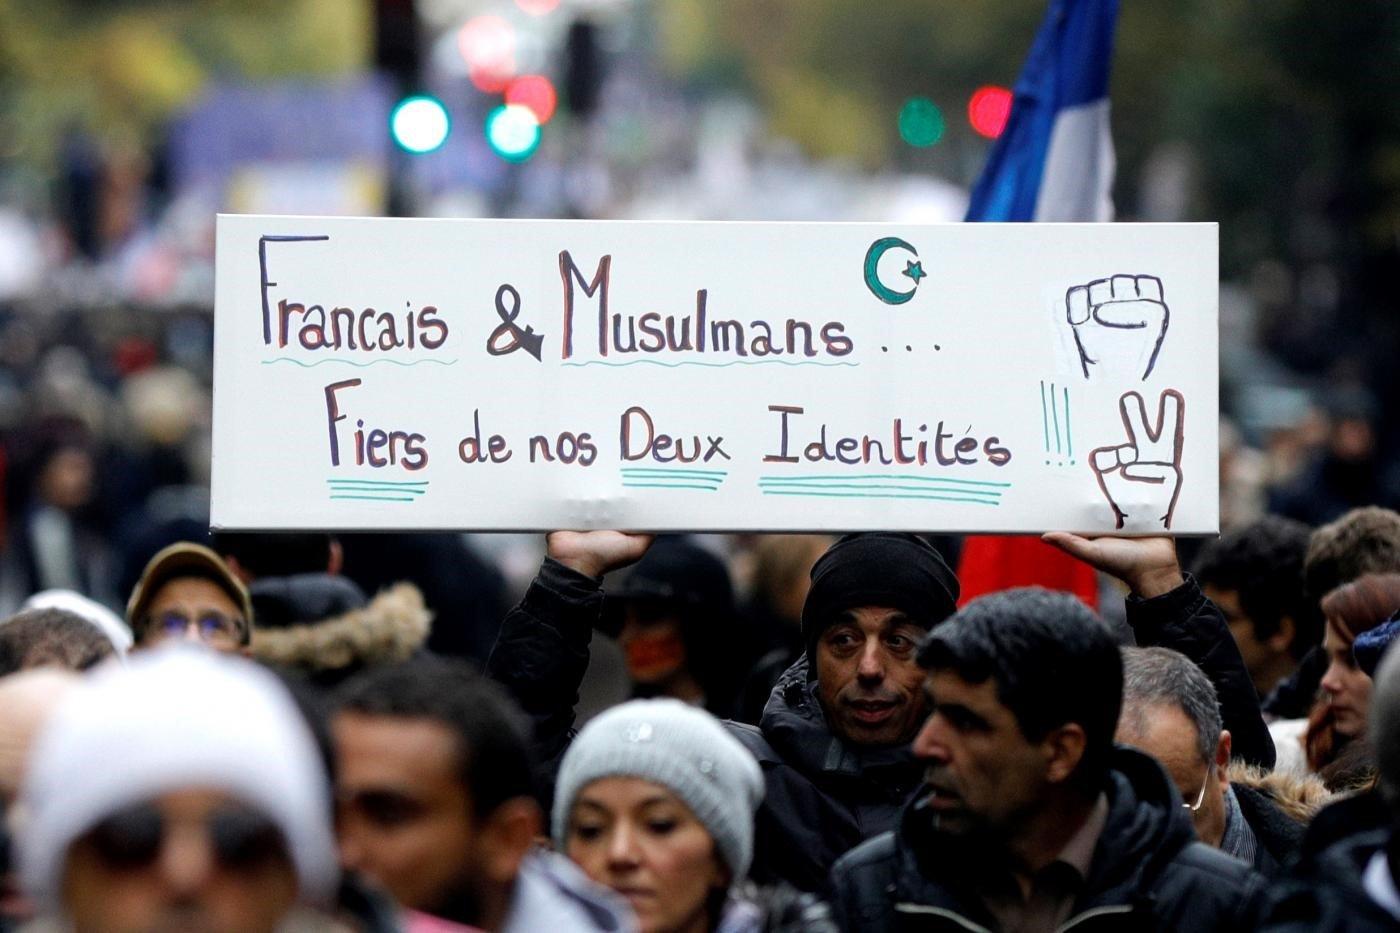 Un manifestant brandit une pancarte indiquant «Français et musulmans… Fiers de nos deux identités!» au cours d'une manifestation contre l'islamophobie, le 10novembre2019 à Paris (AFP)